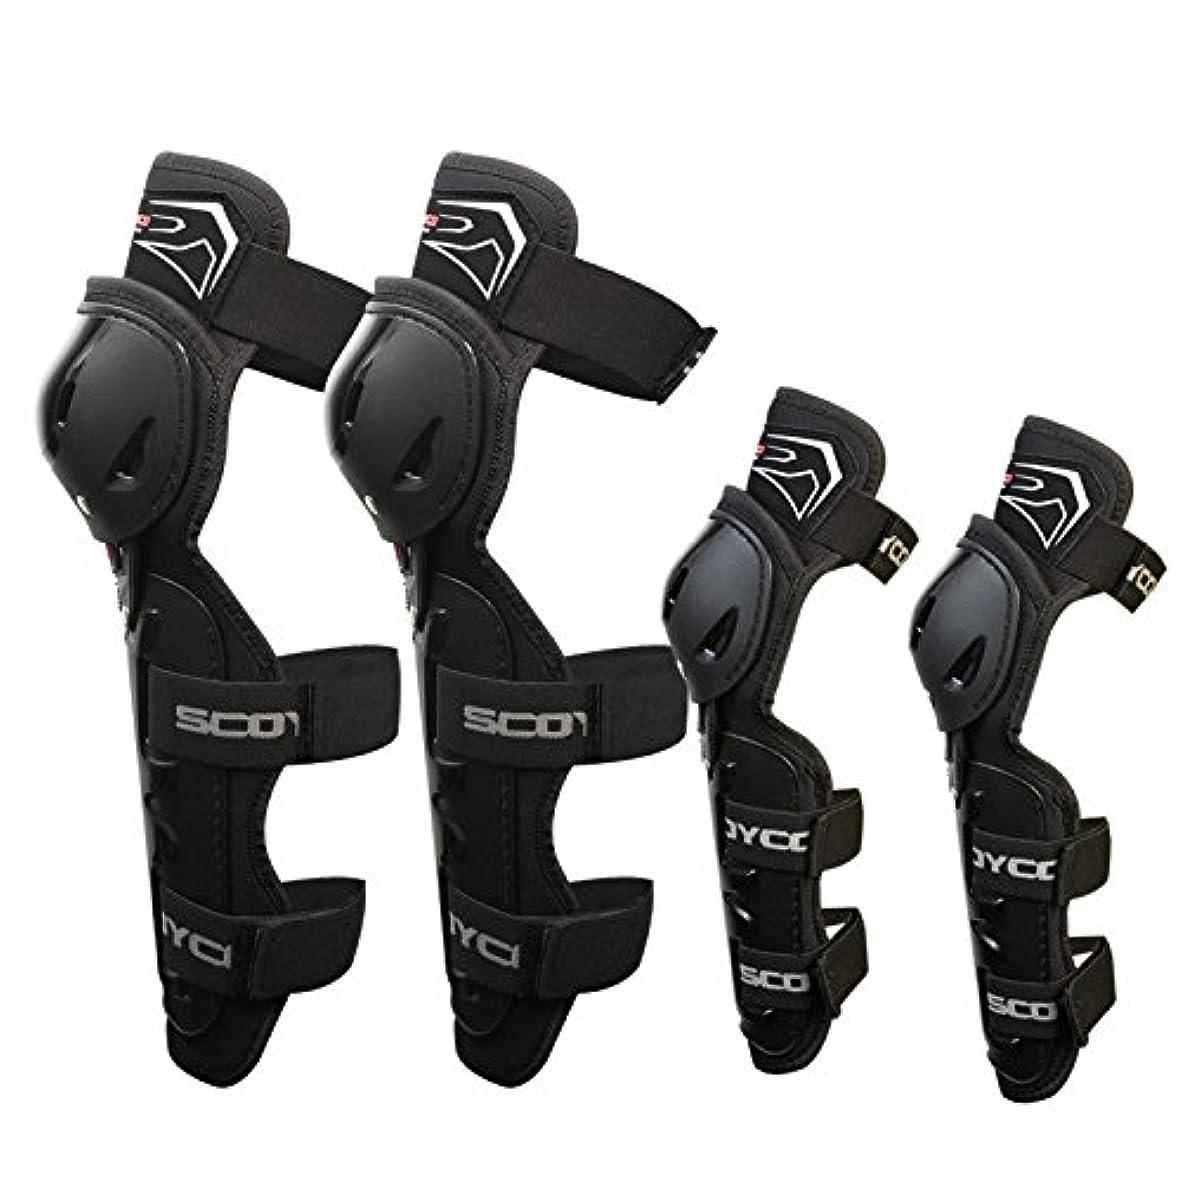 栄光不従順リーン膝パッドサポート、 オートバイの肘と膝のパッドモトクロスバイクプロテクター保護鎧セットサイクリングスケートスキー-4ピース 登山をするスポーツのために